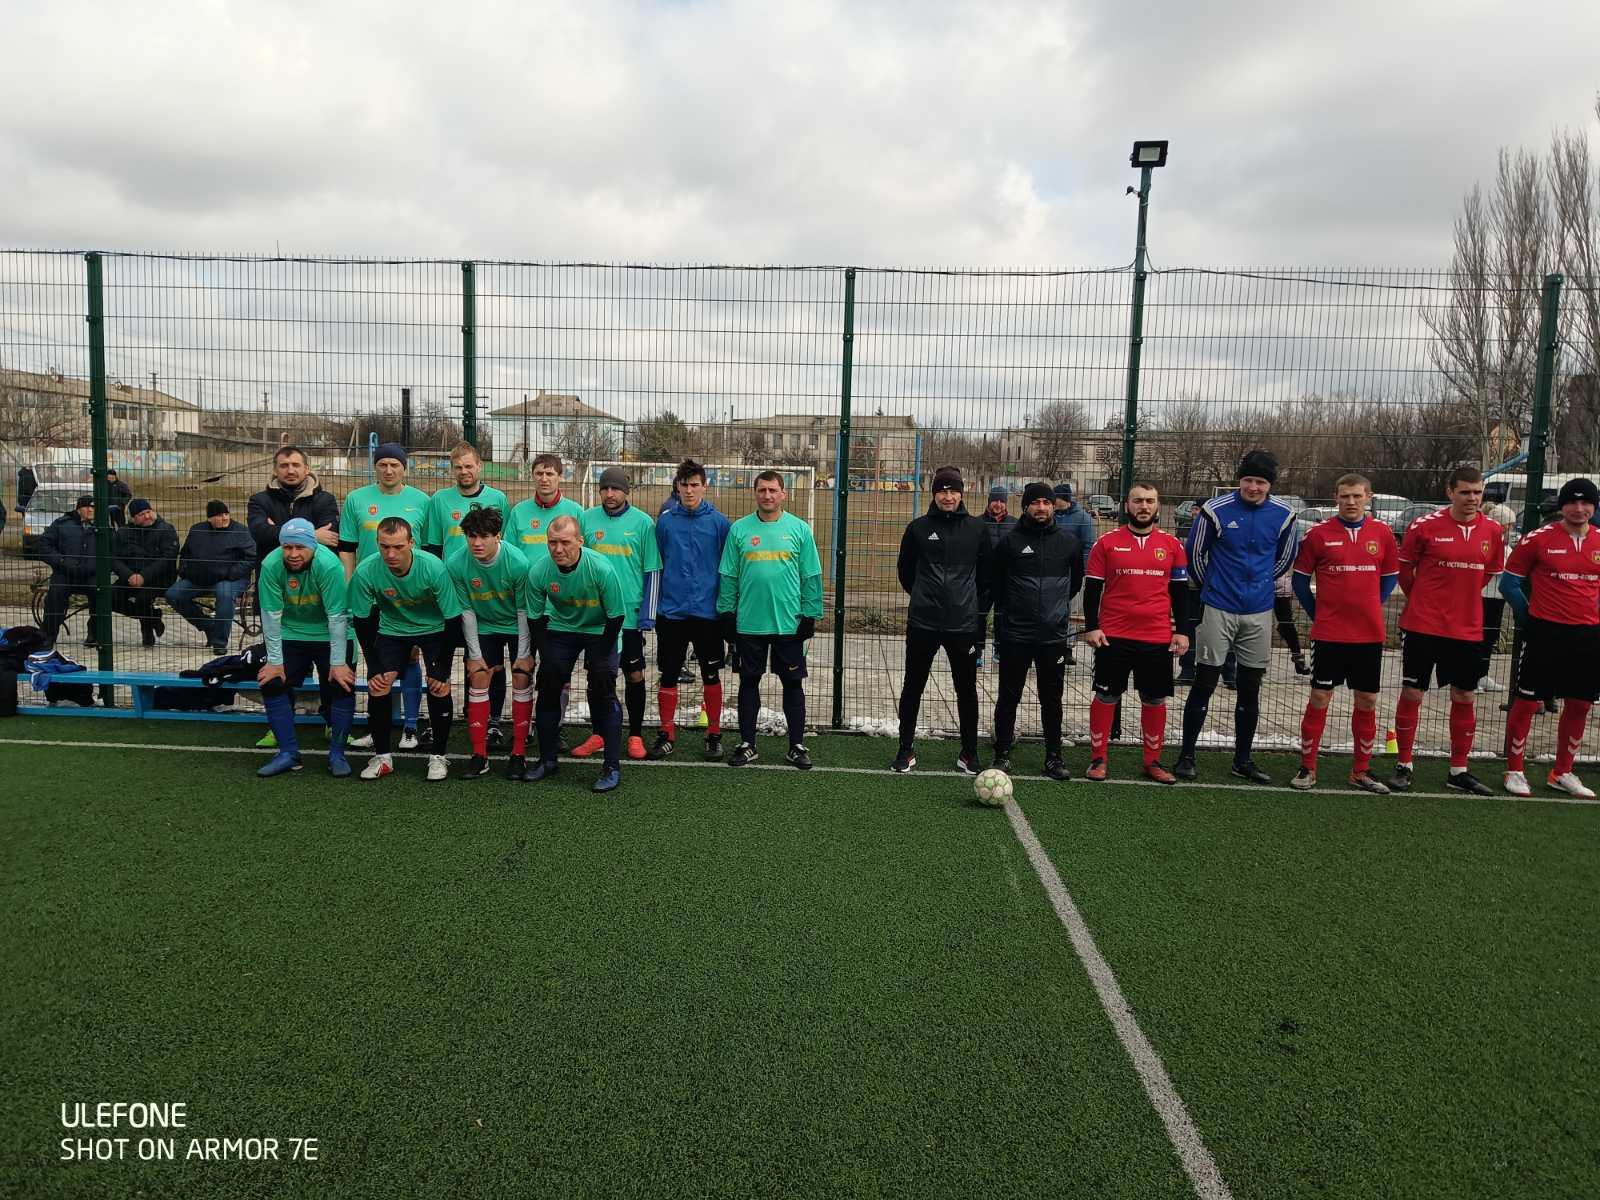 ІІ етап Чемпіонату Херсонської області з футзалу  2021 року